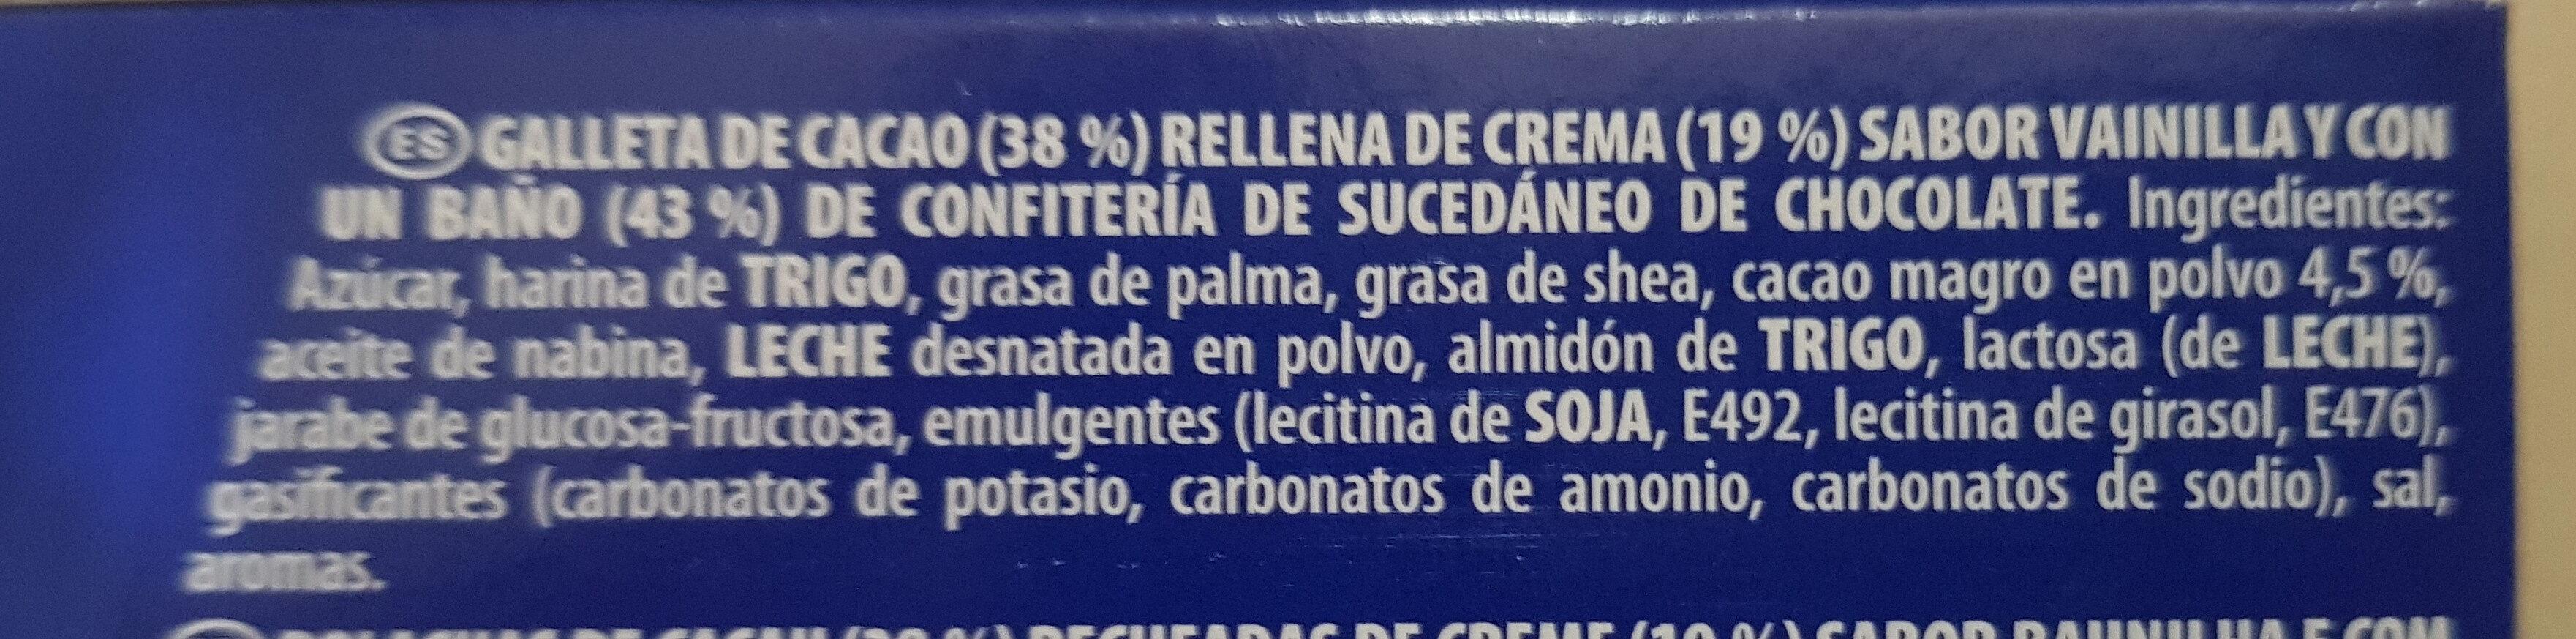 Oreo bañadas - Ingredientes - es